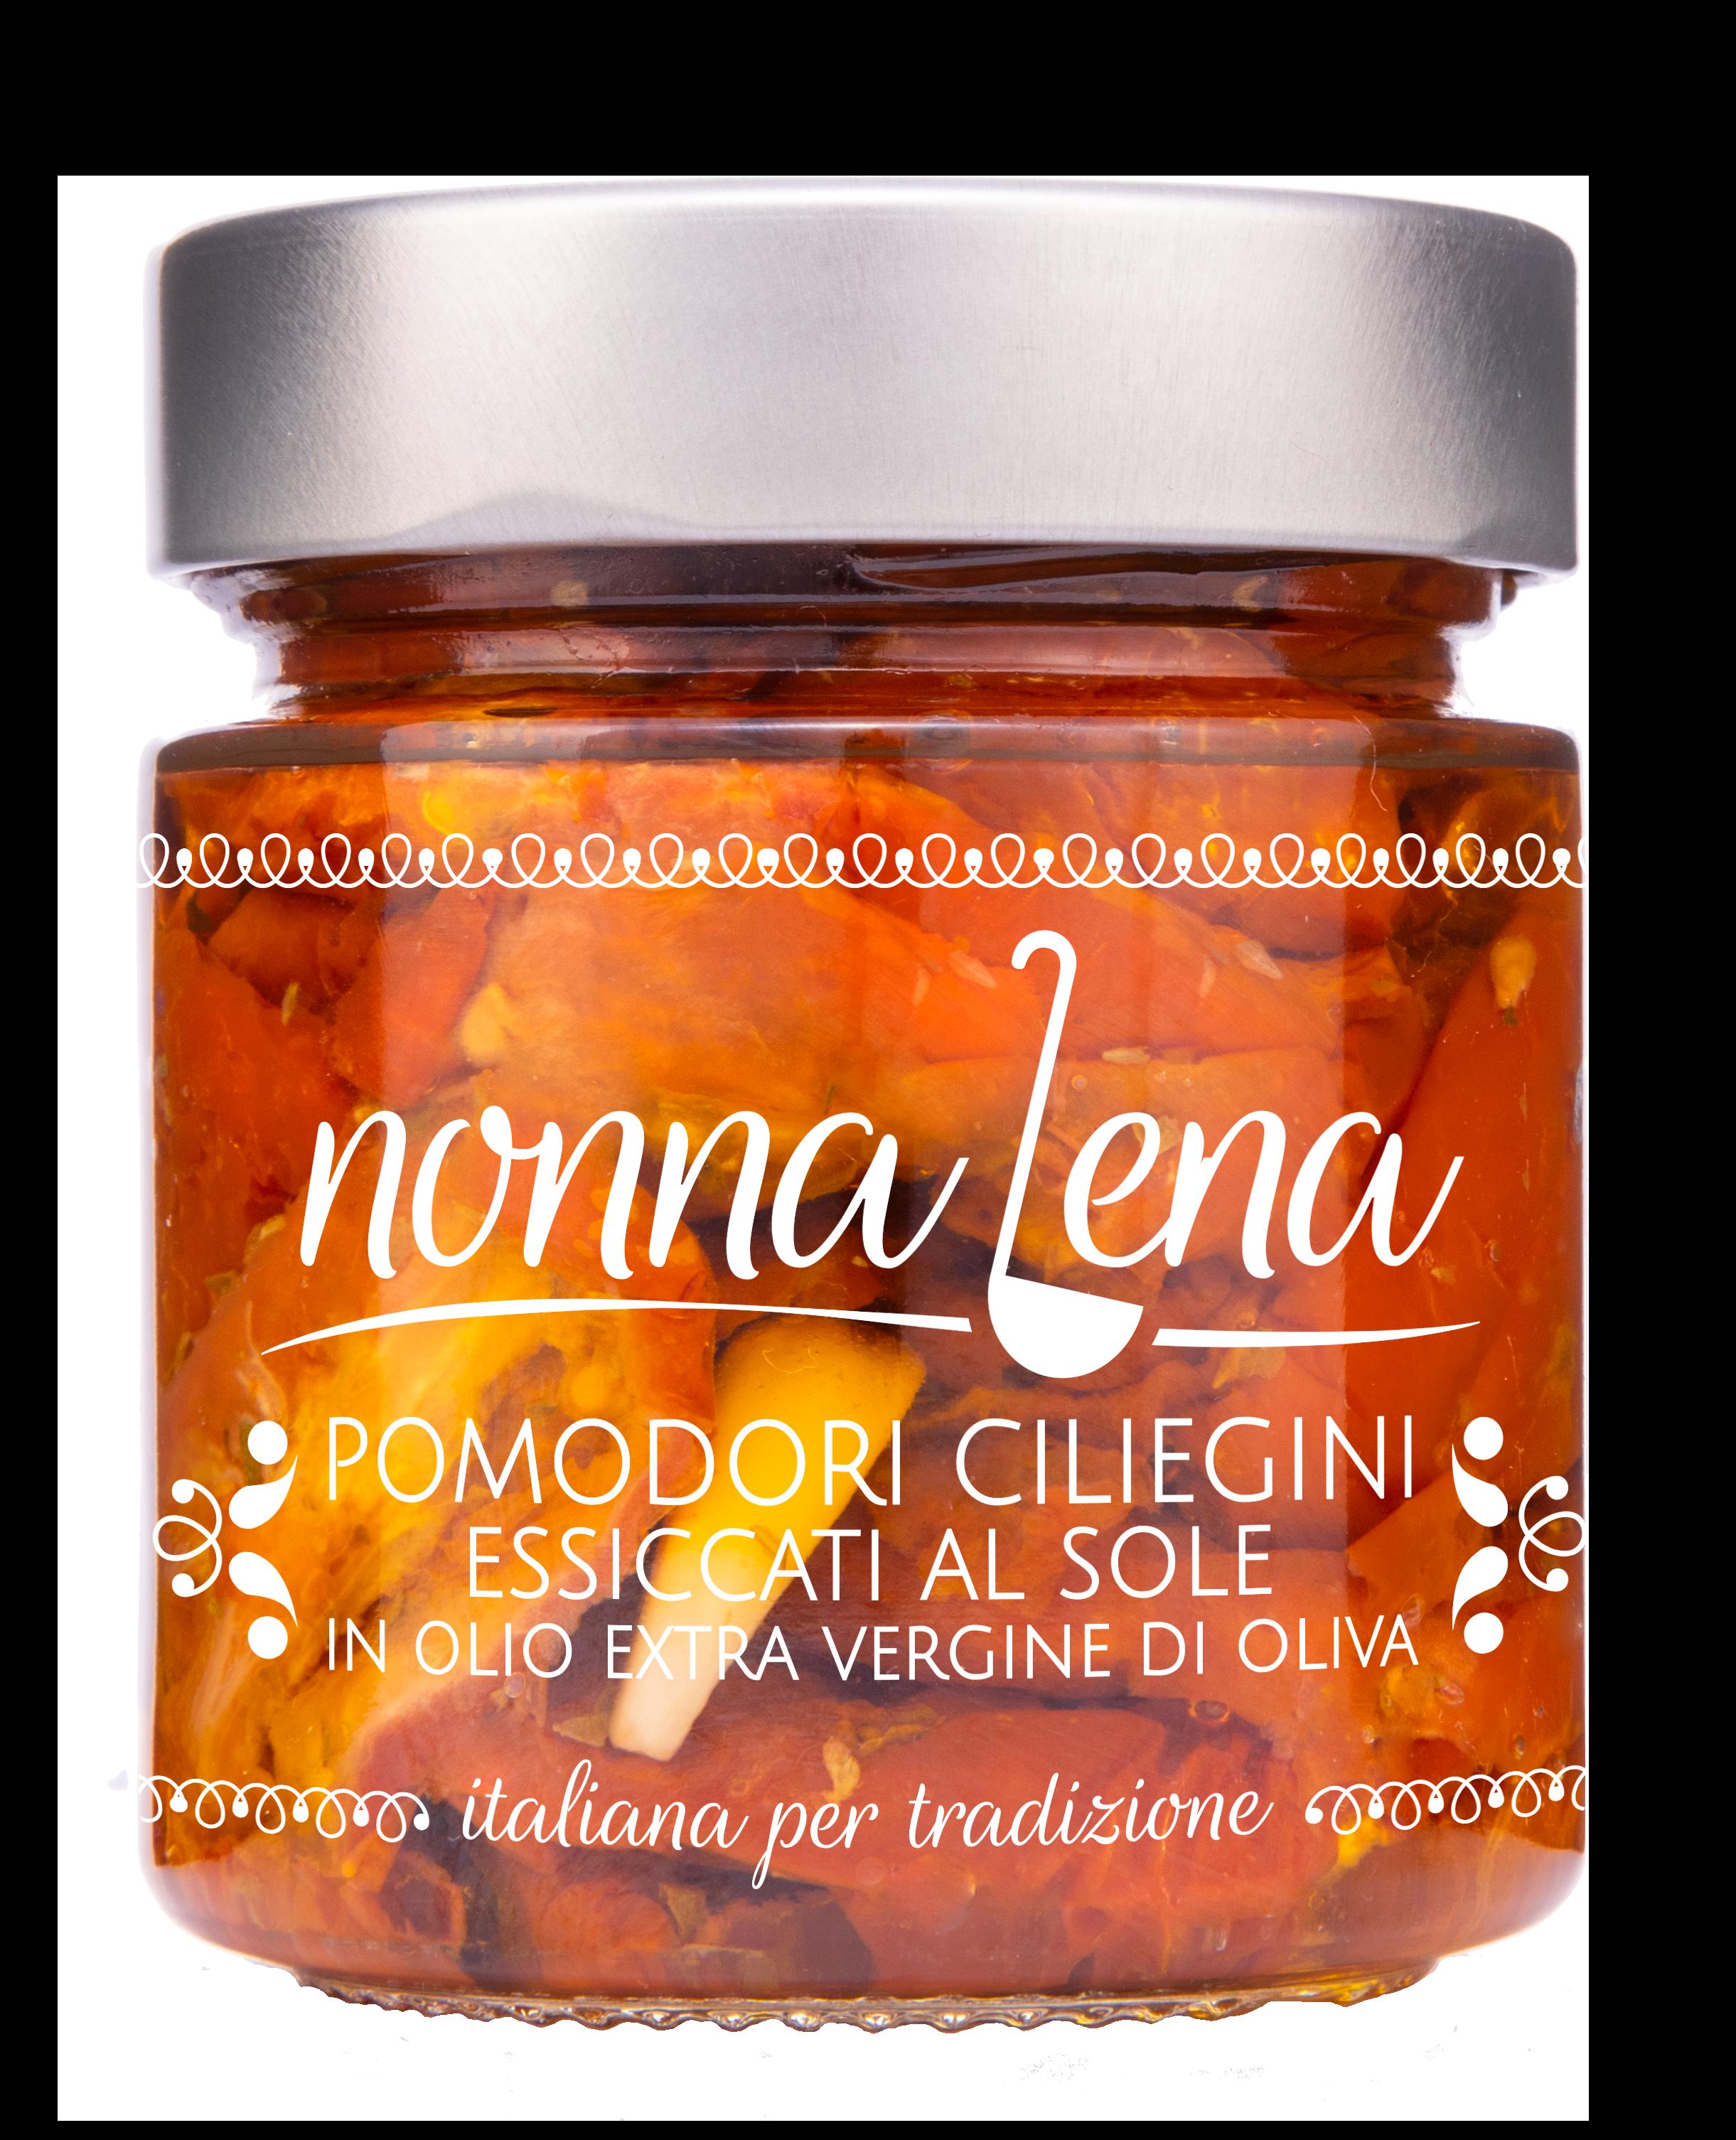 Pomodorini ciliegini essiccati al sole in olio E.V.O. - Nonna Lena